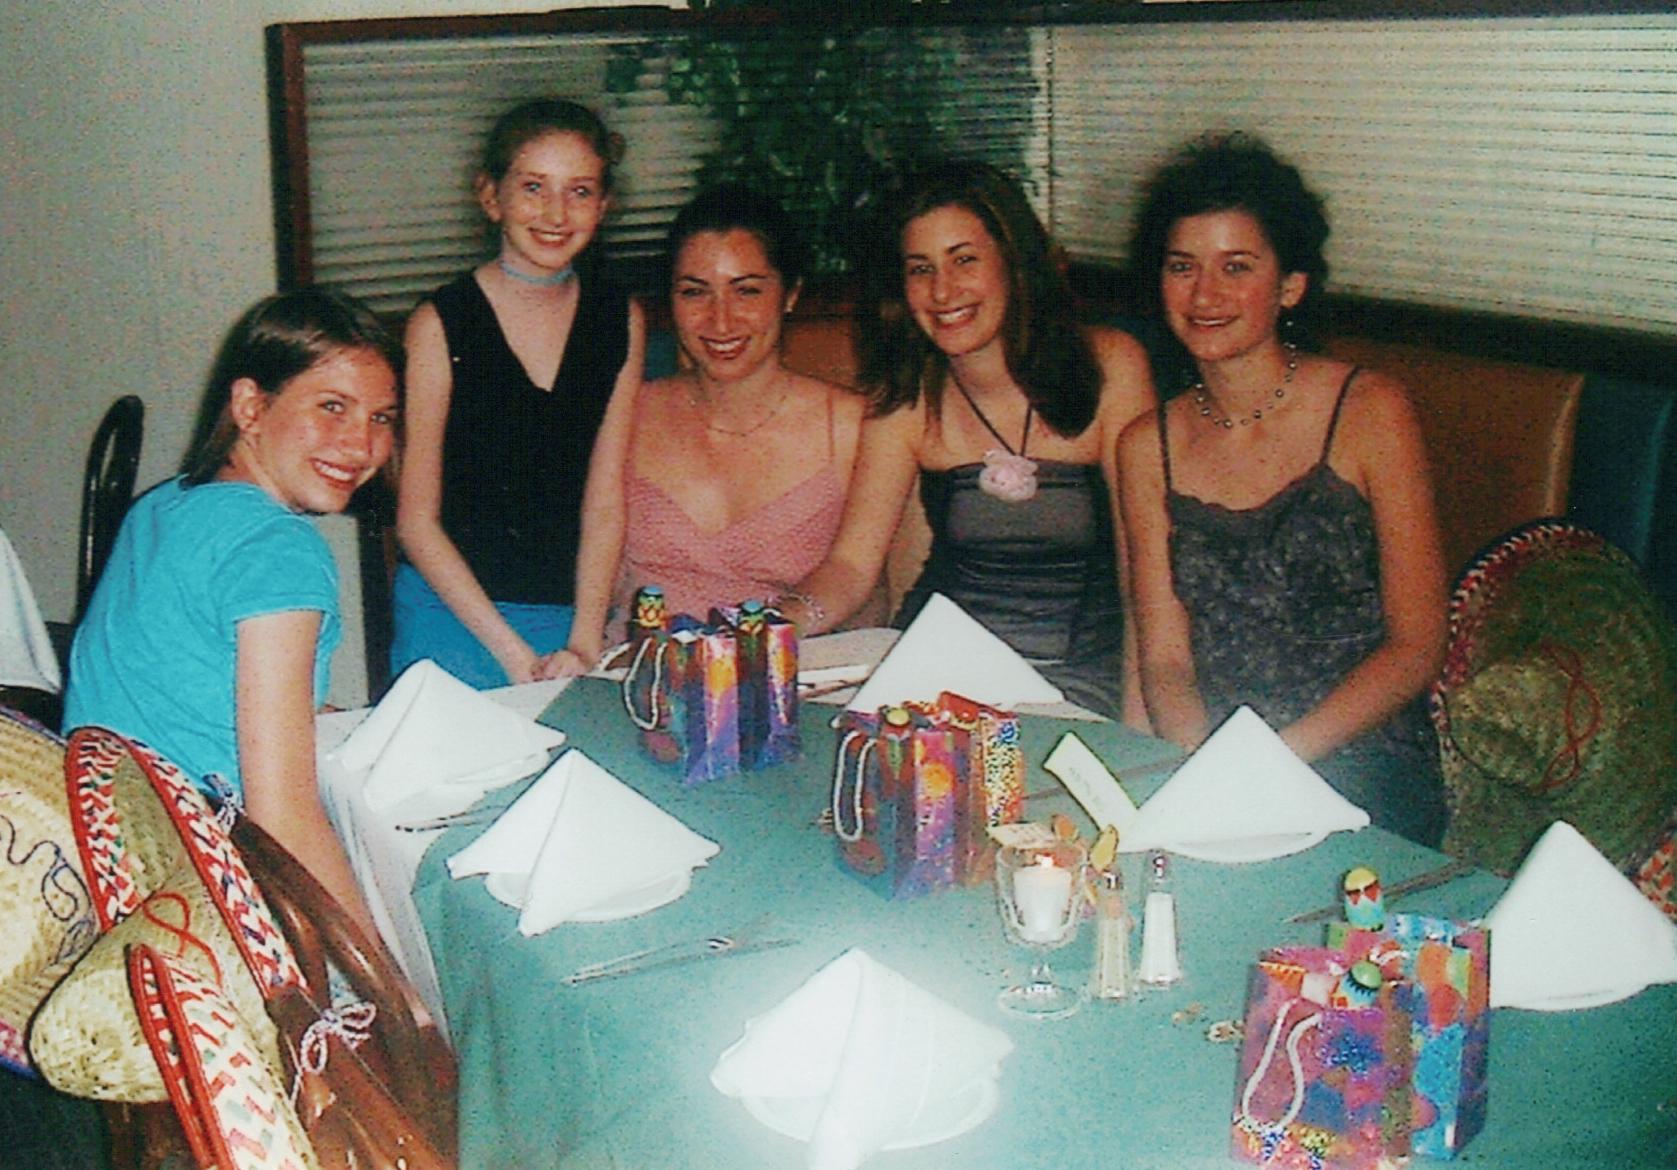 with Emily, Tania, Kayla, Lizzie